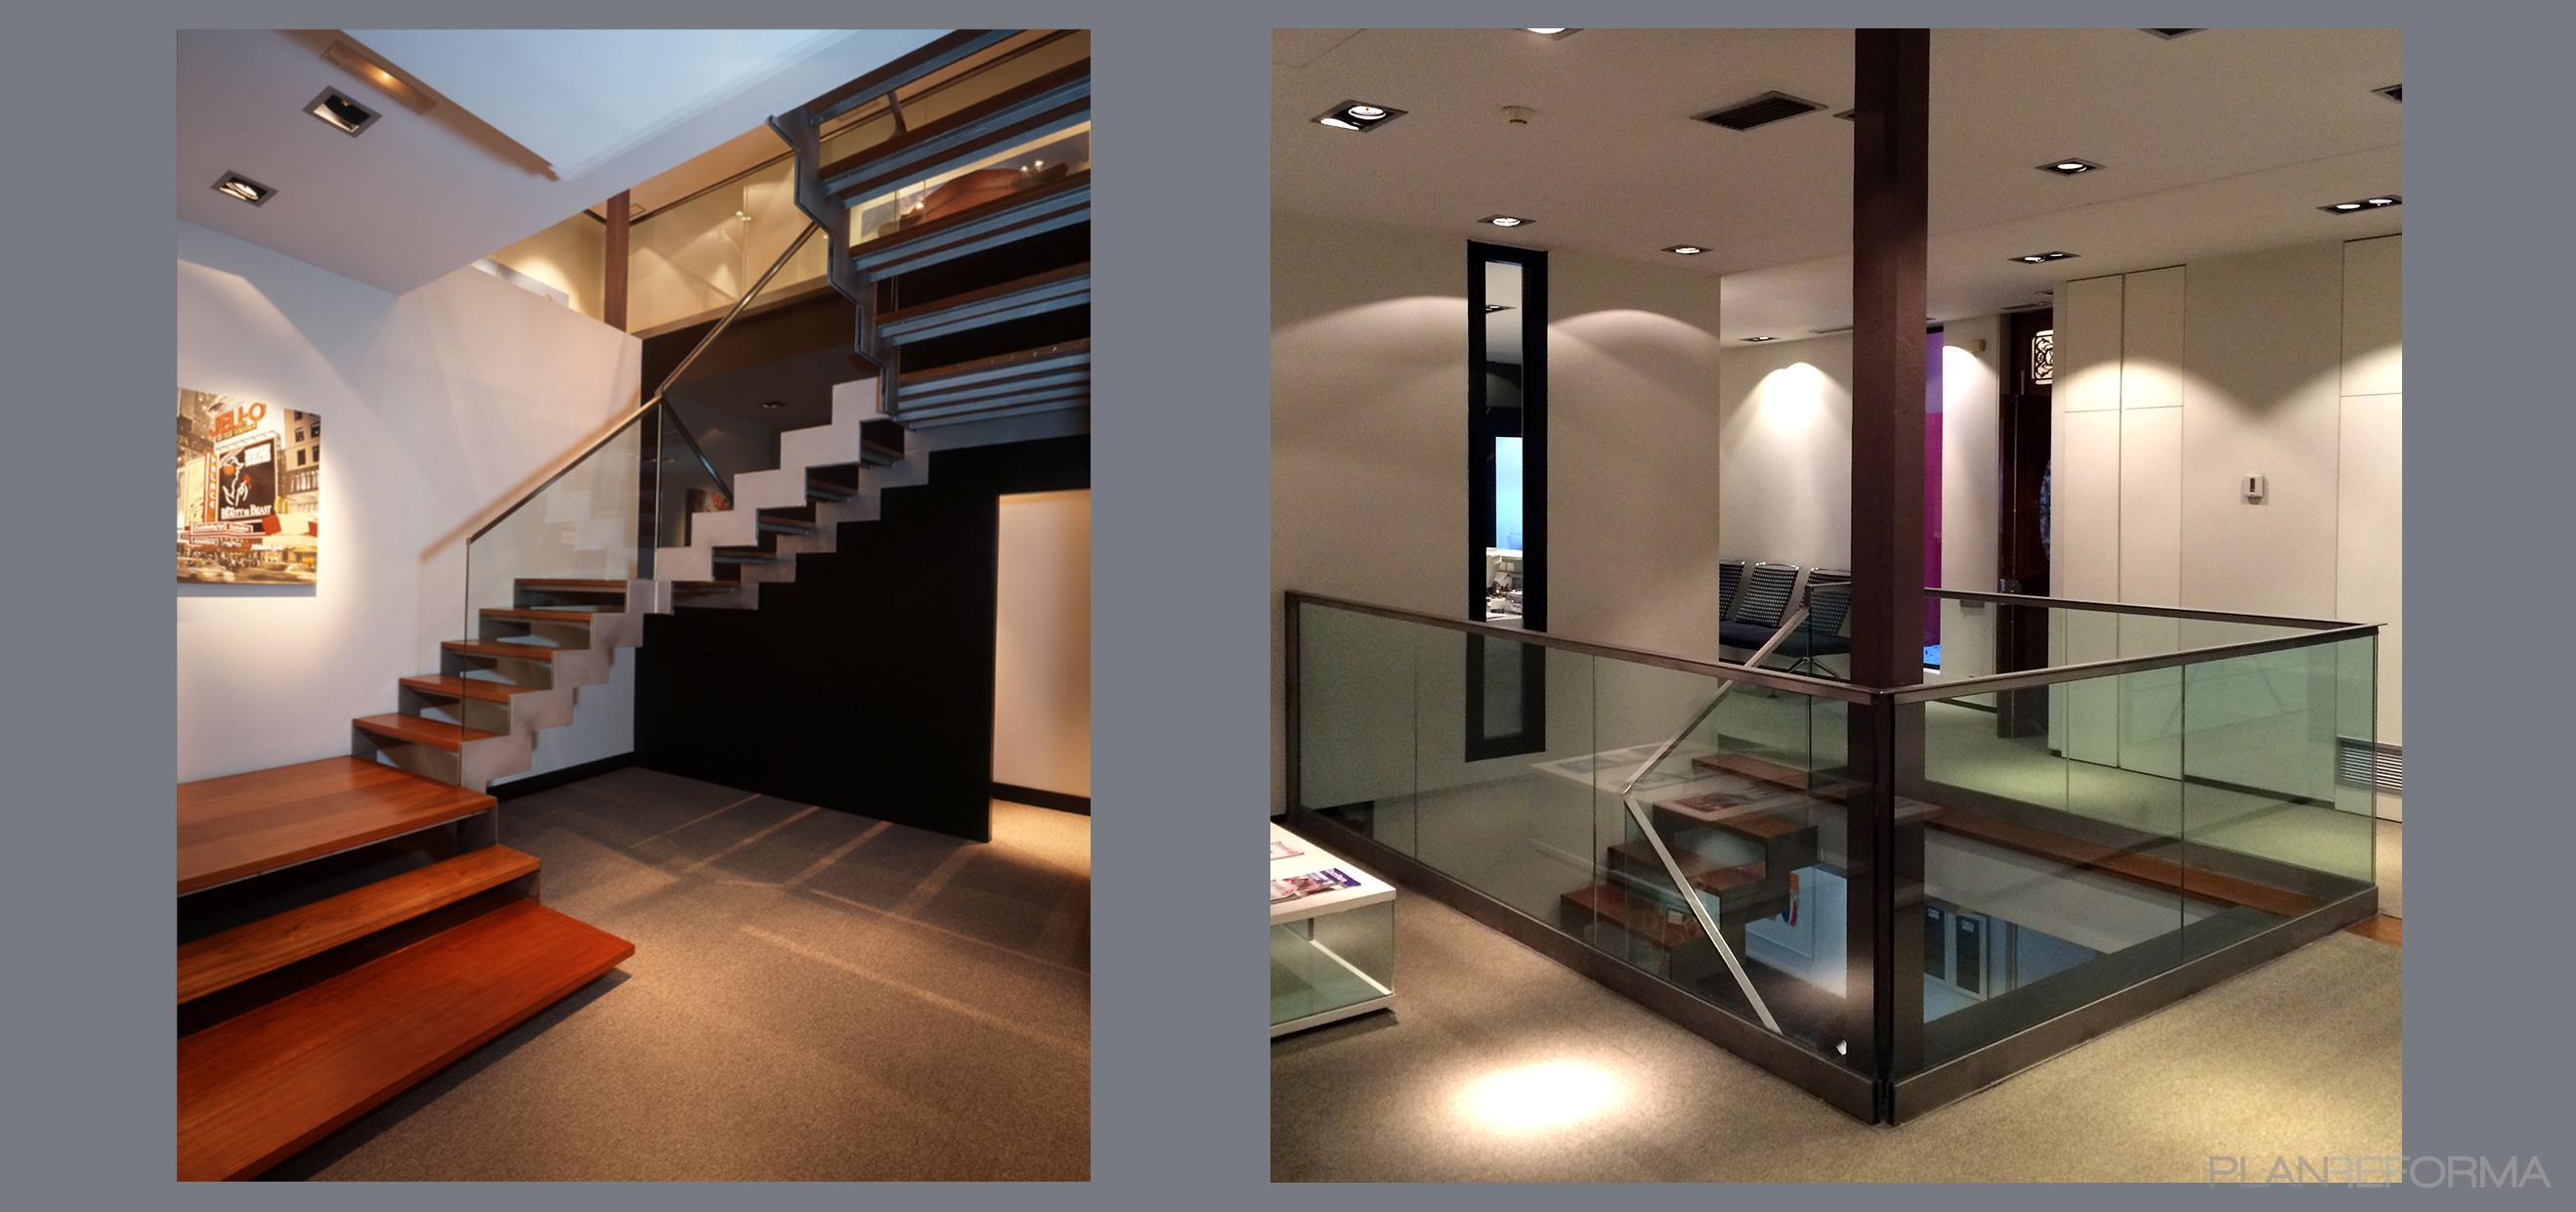 Recibidor escalera oficina style moderno color ocre - Recibidor moderno blanco ...